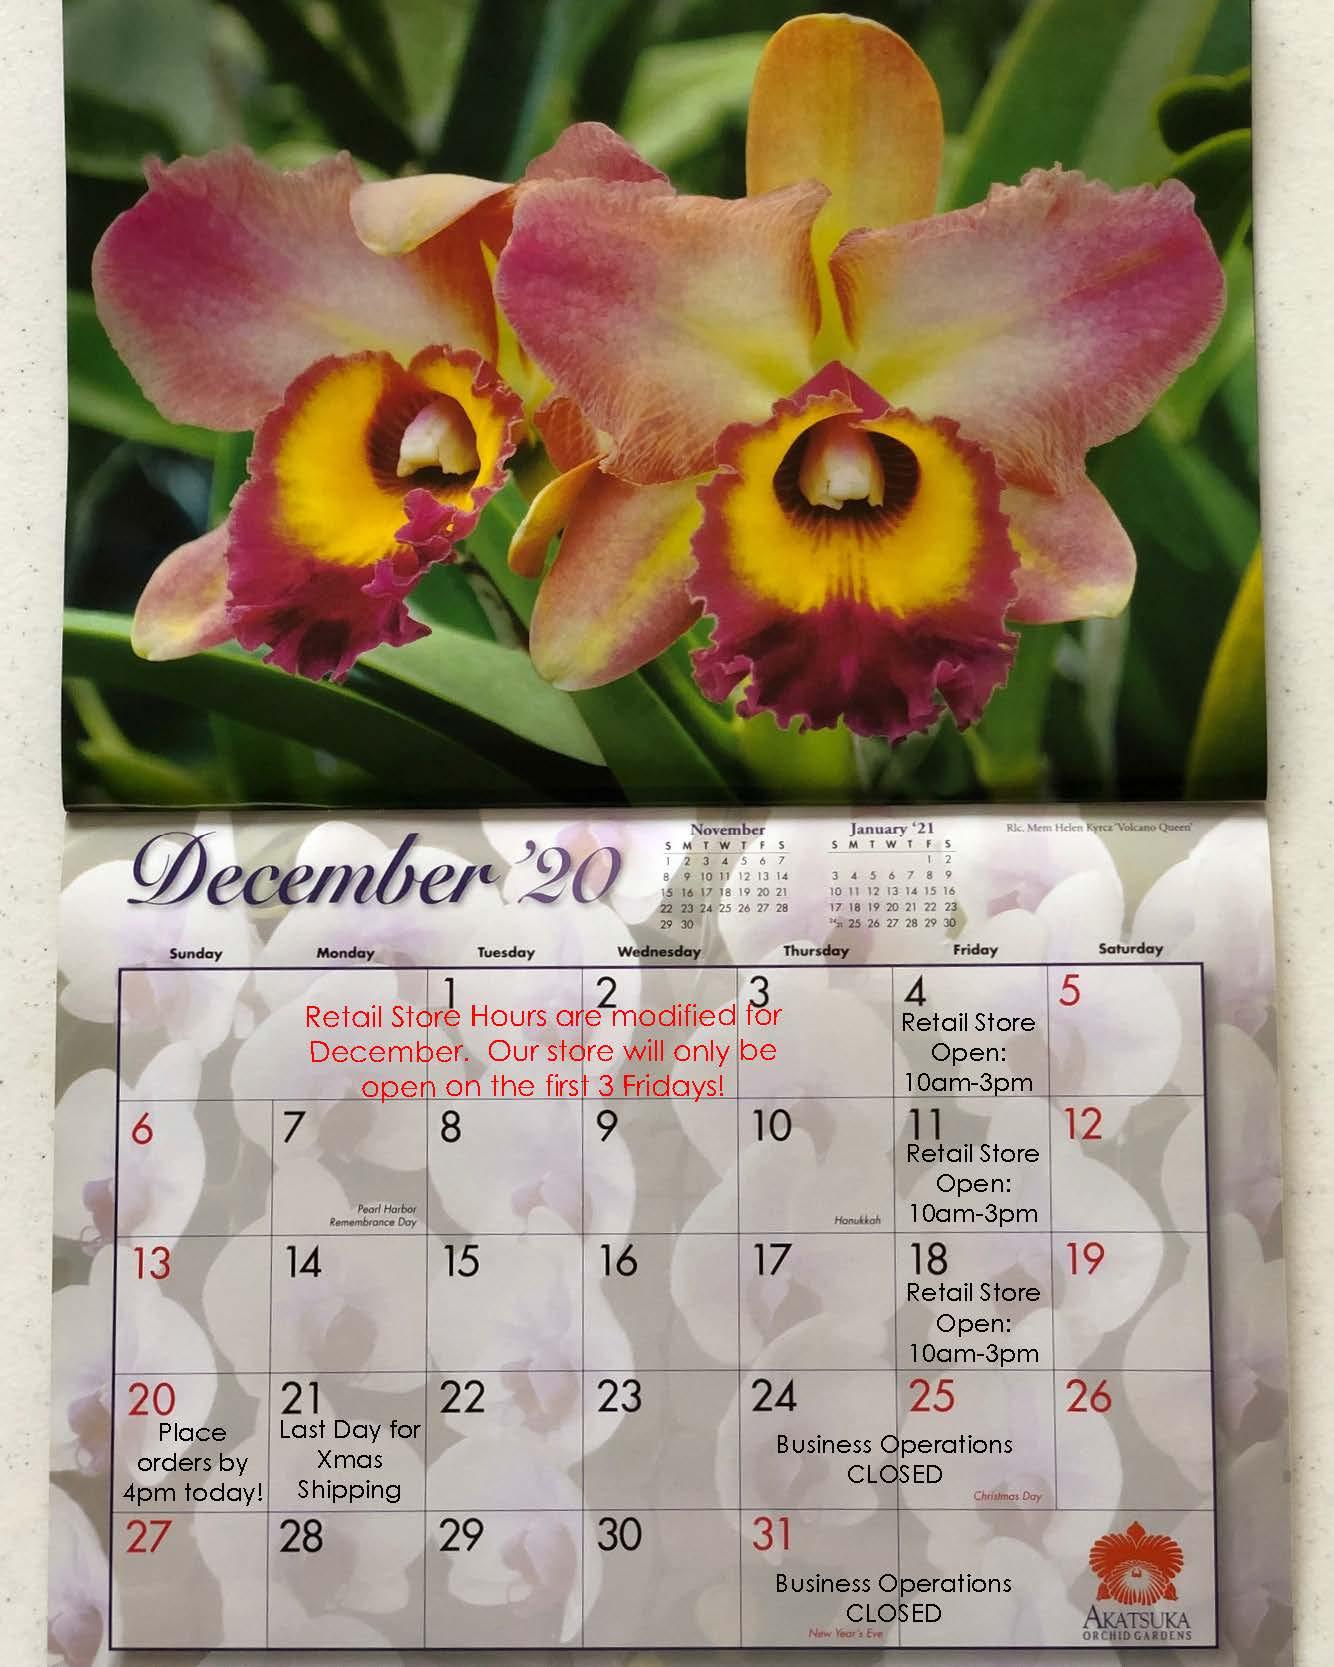 december-schedule-photo.jpg